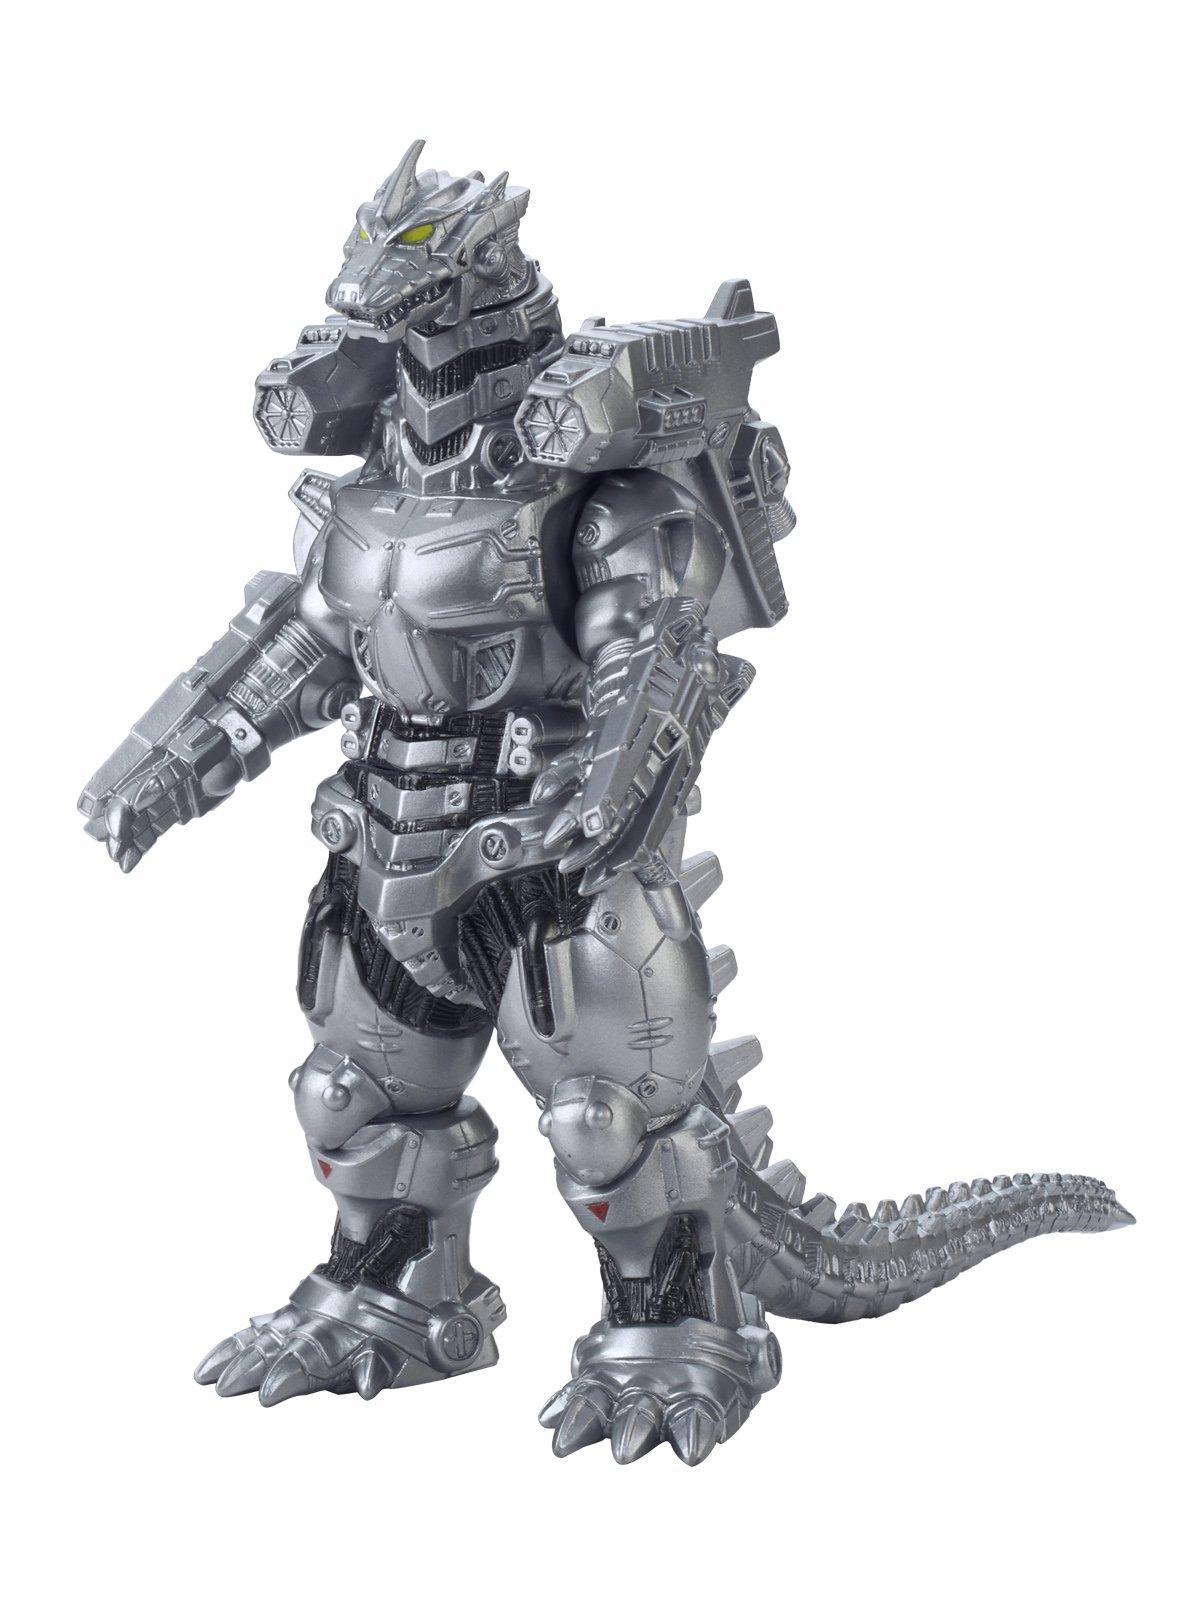 Bandai Godzilla Movie Monster Series Mechagodzilla (Heavily Armed Type) by Bandai